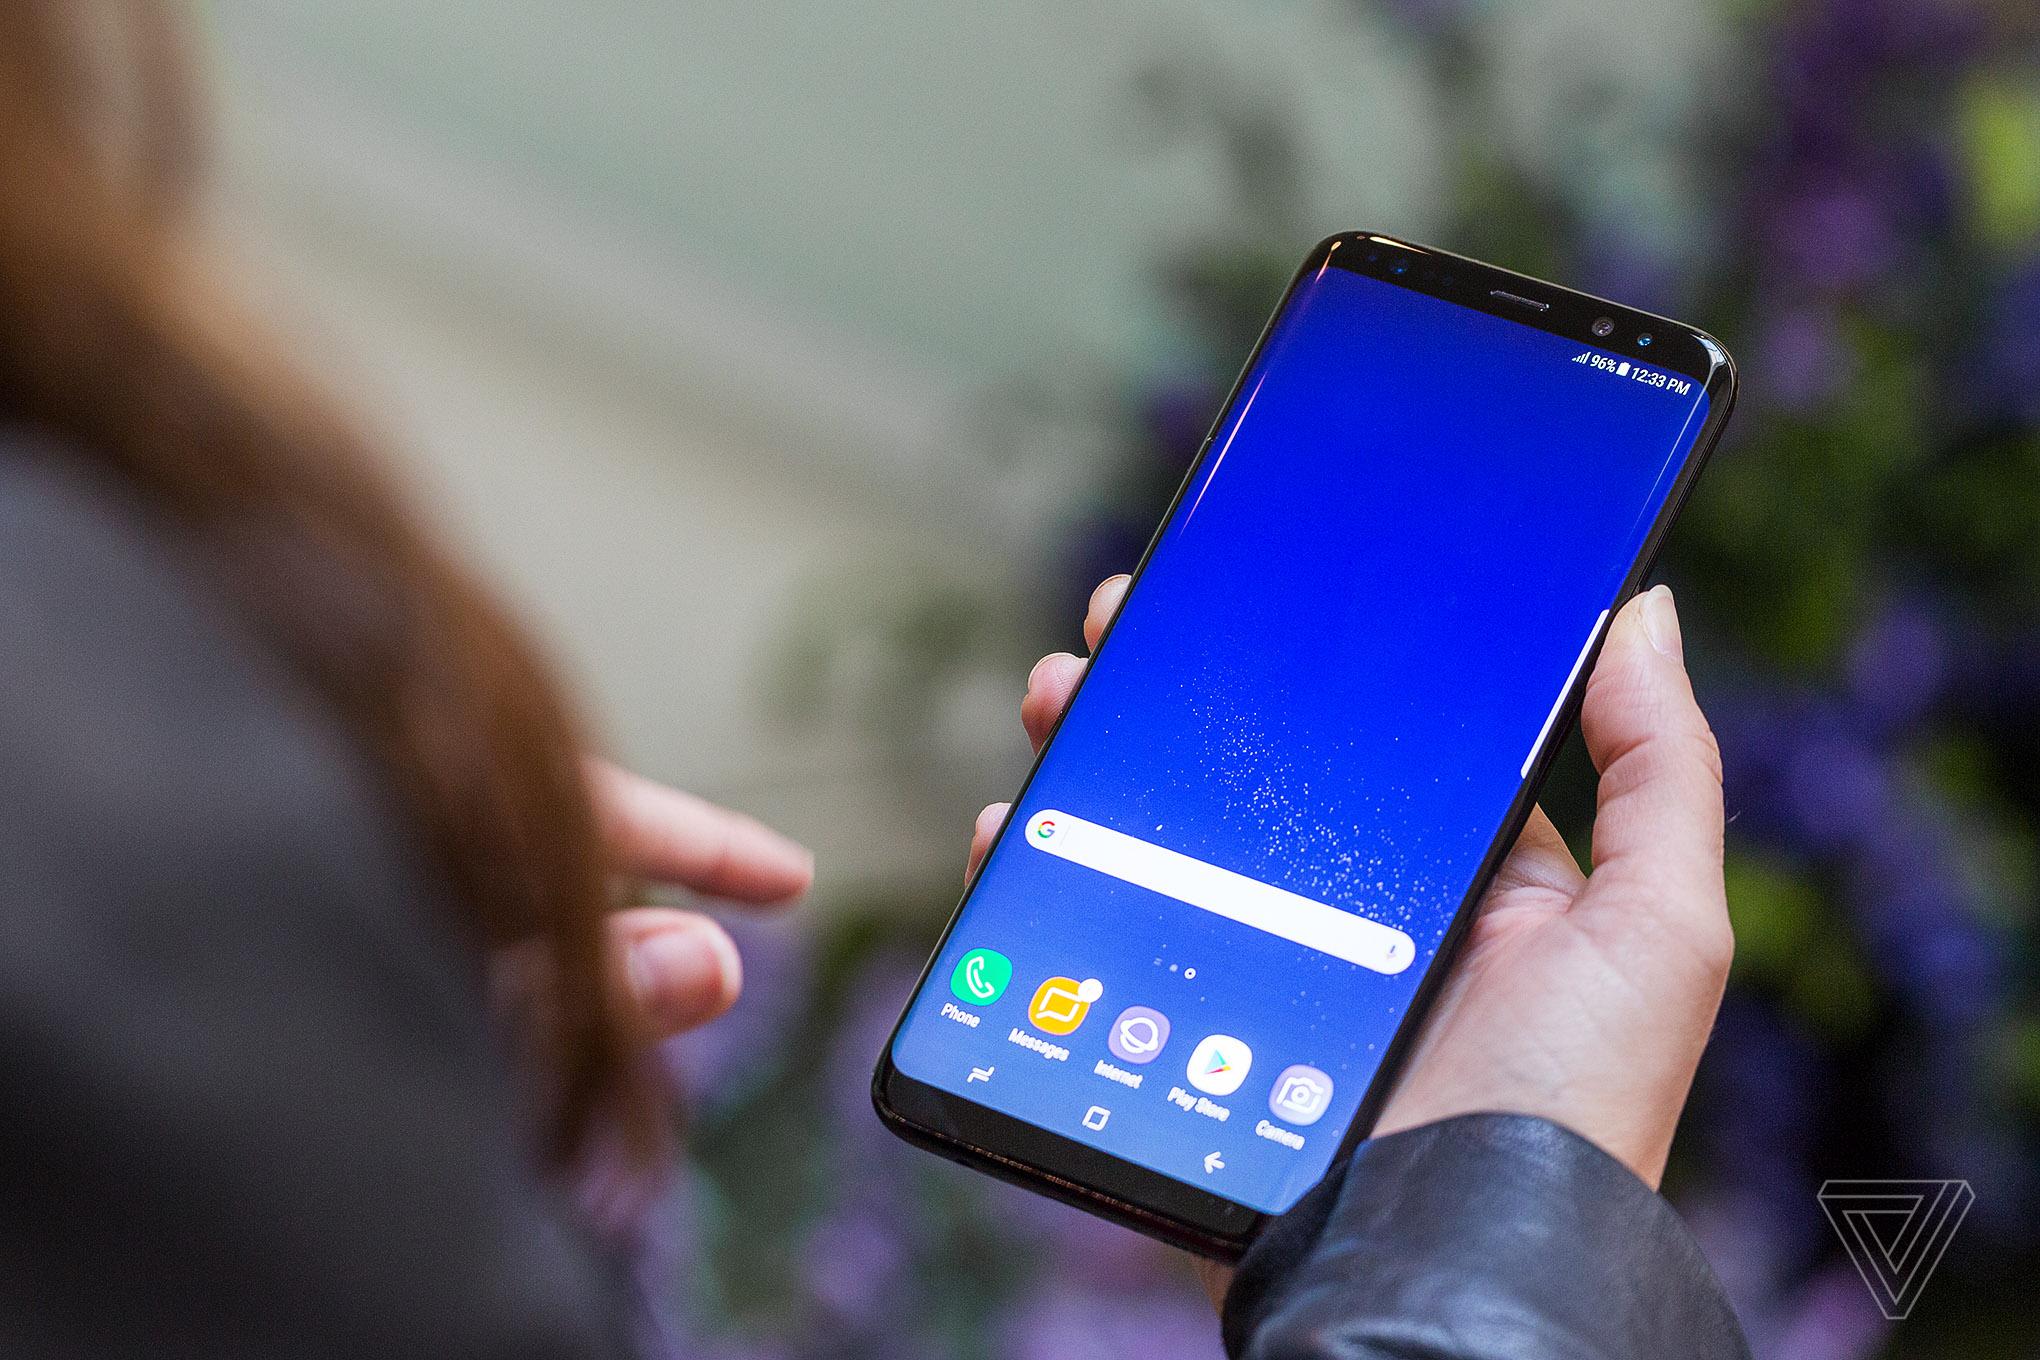 Ai ai cũng nói Galaxy S8 có màn hình tràn vô cực, vậy nó là gì? - Ảnh 2.